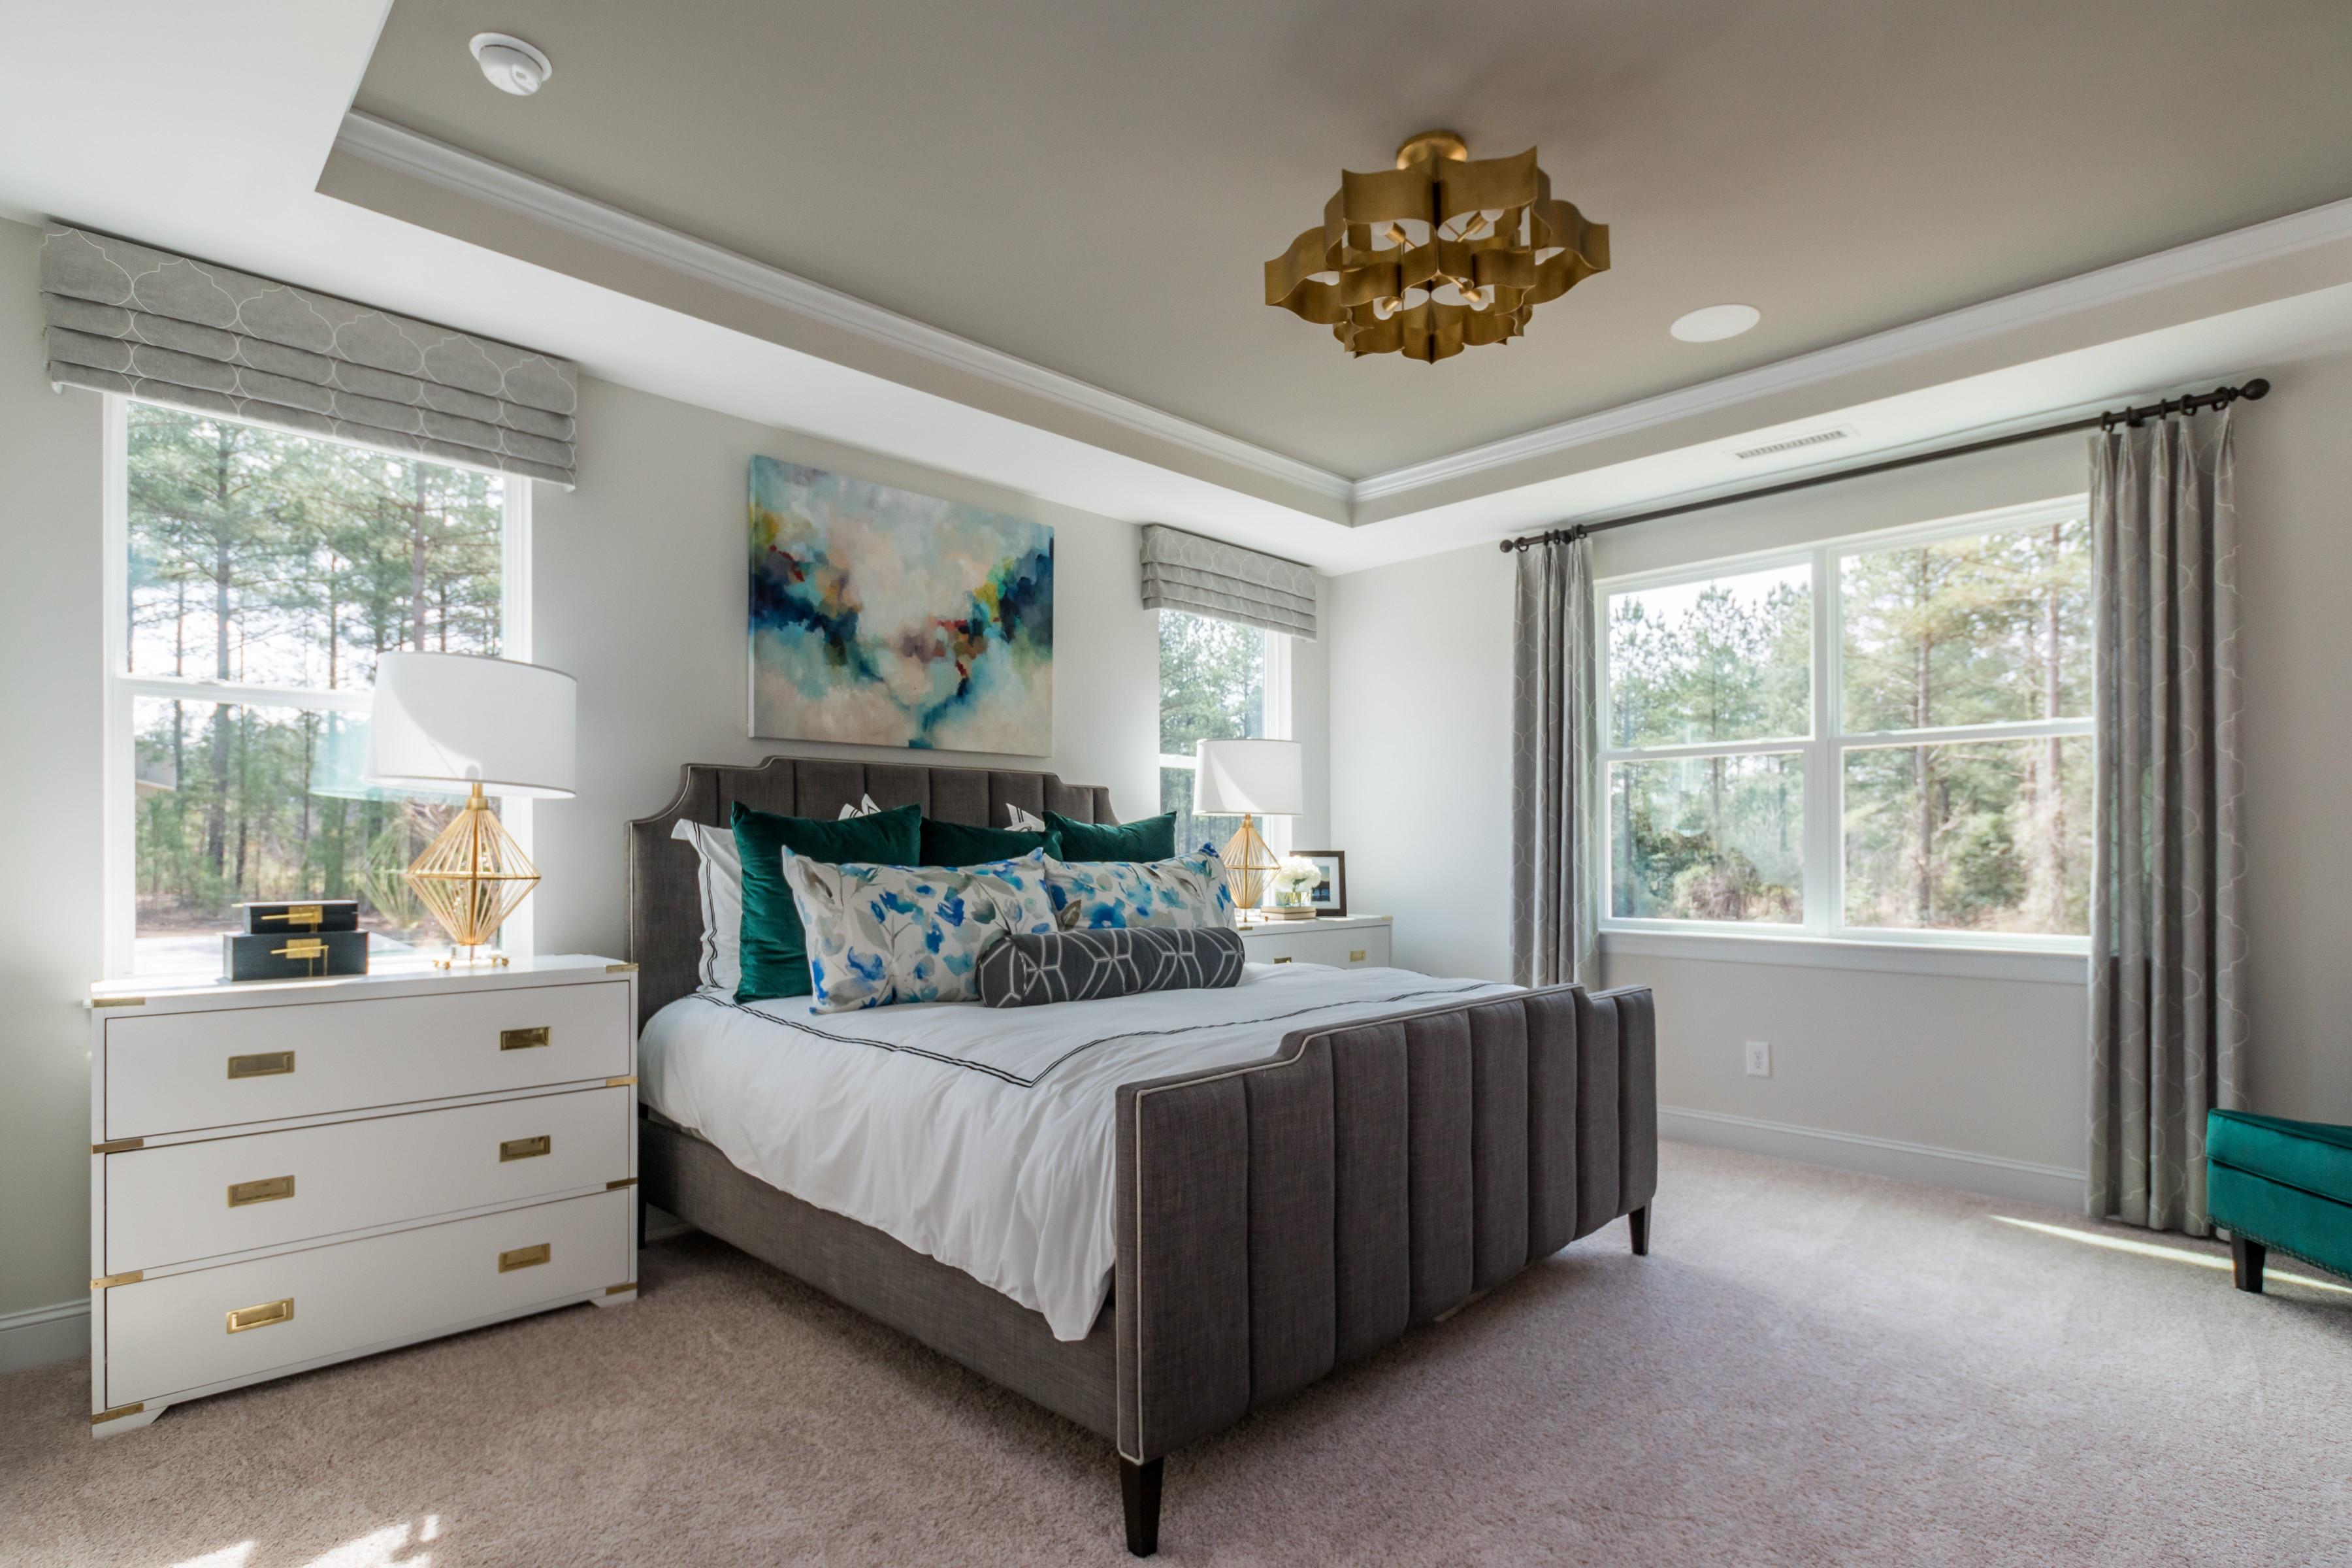 012_-first-floor-master-bedroom_46656570575_o.jpg